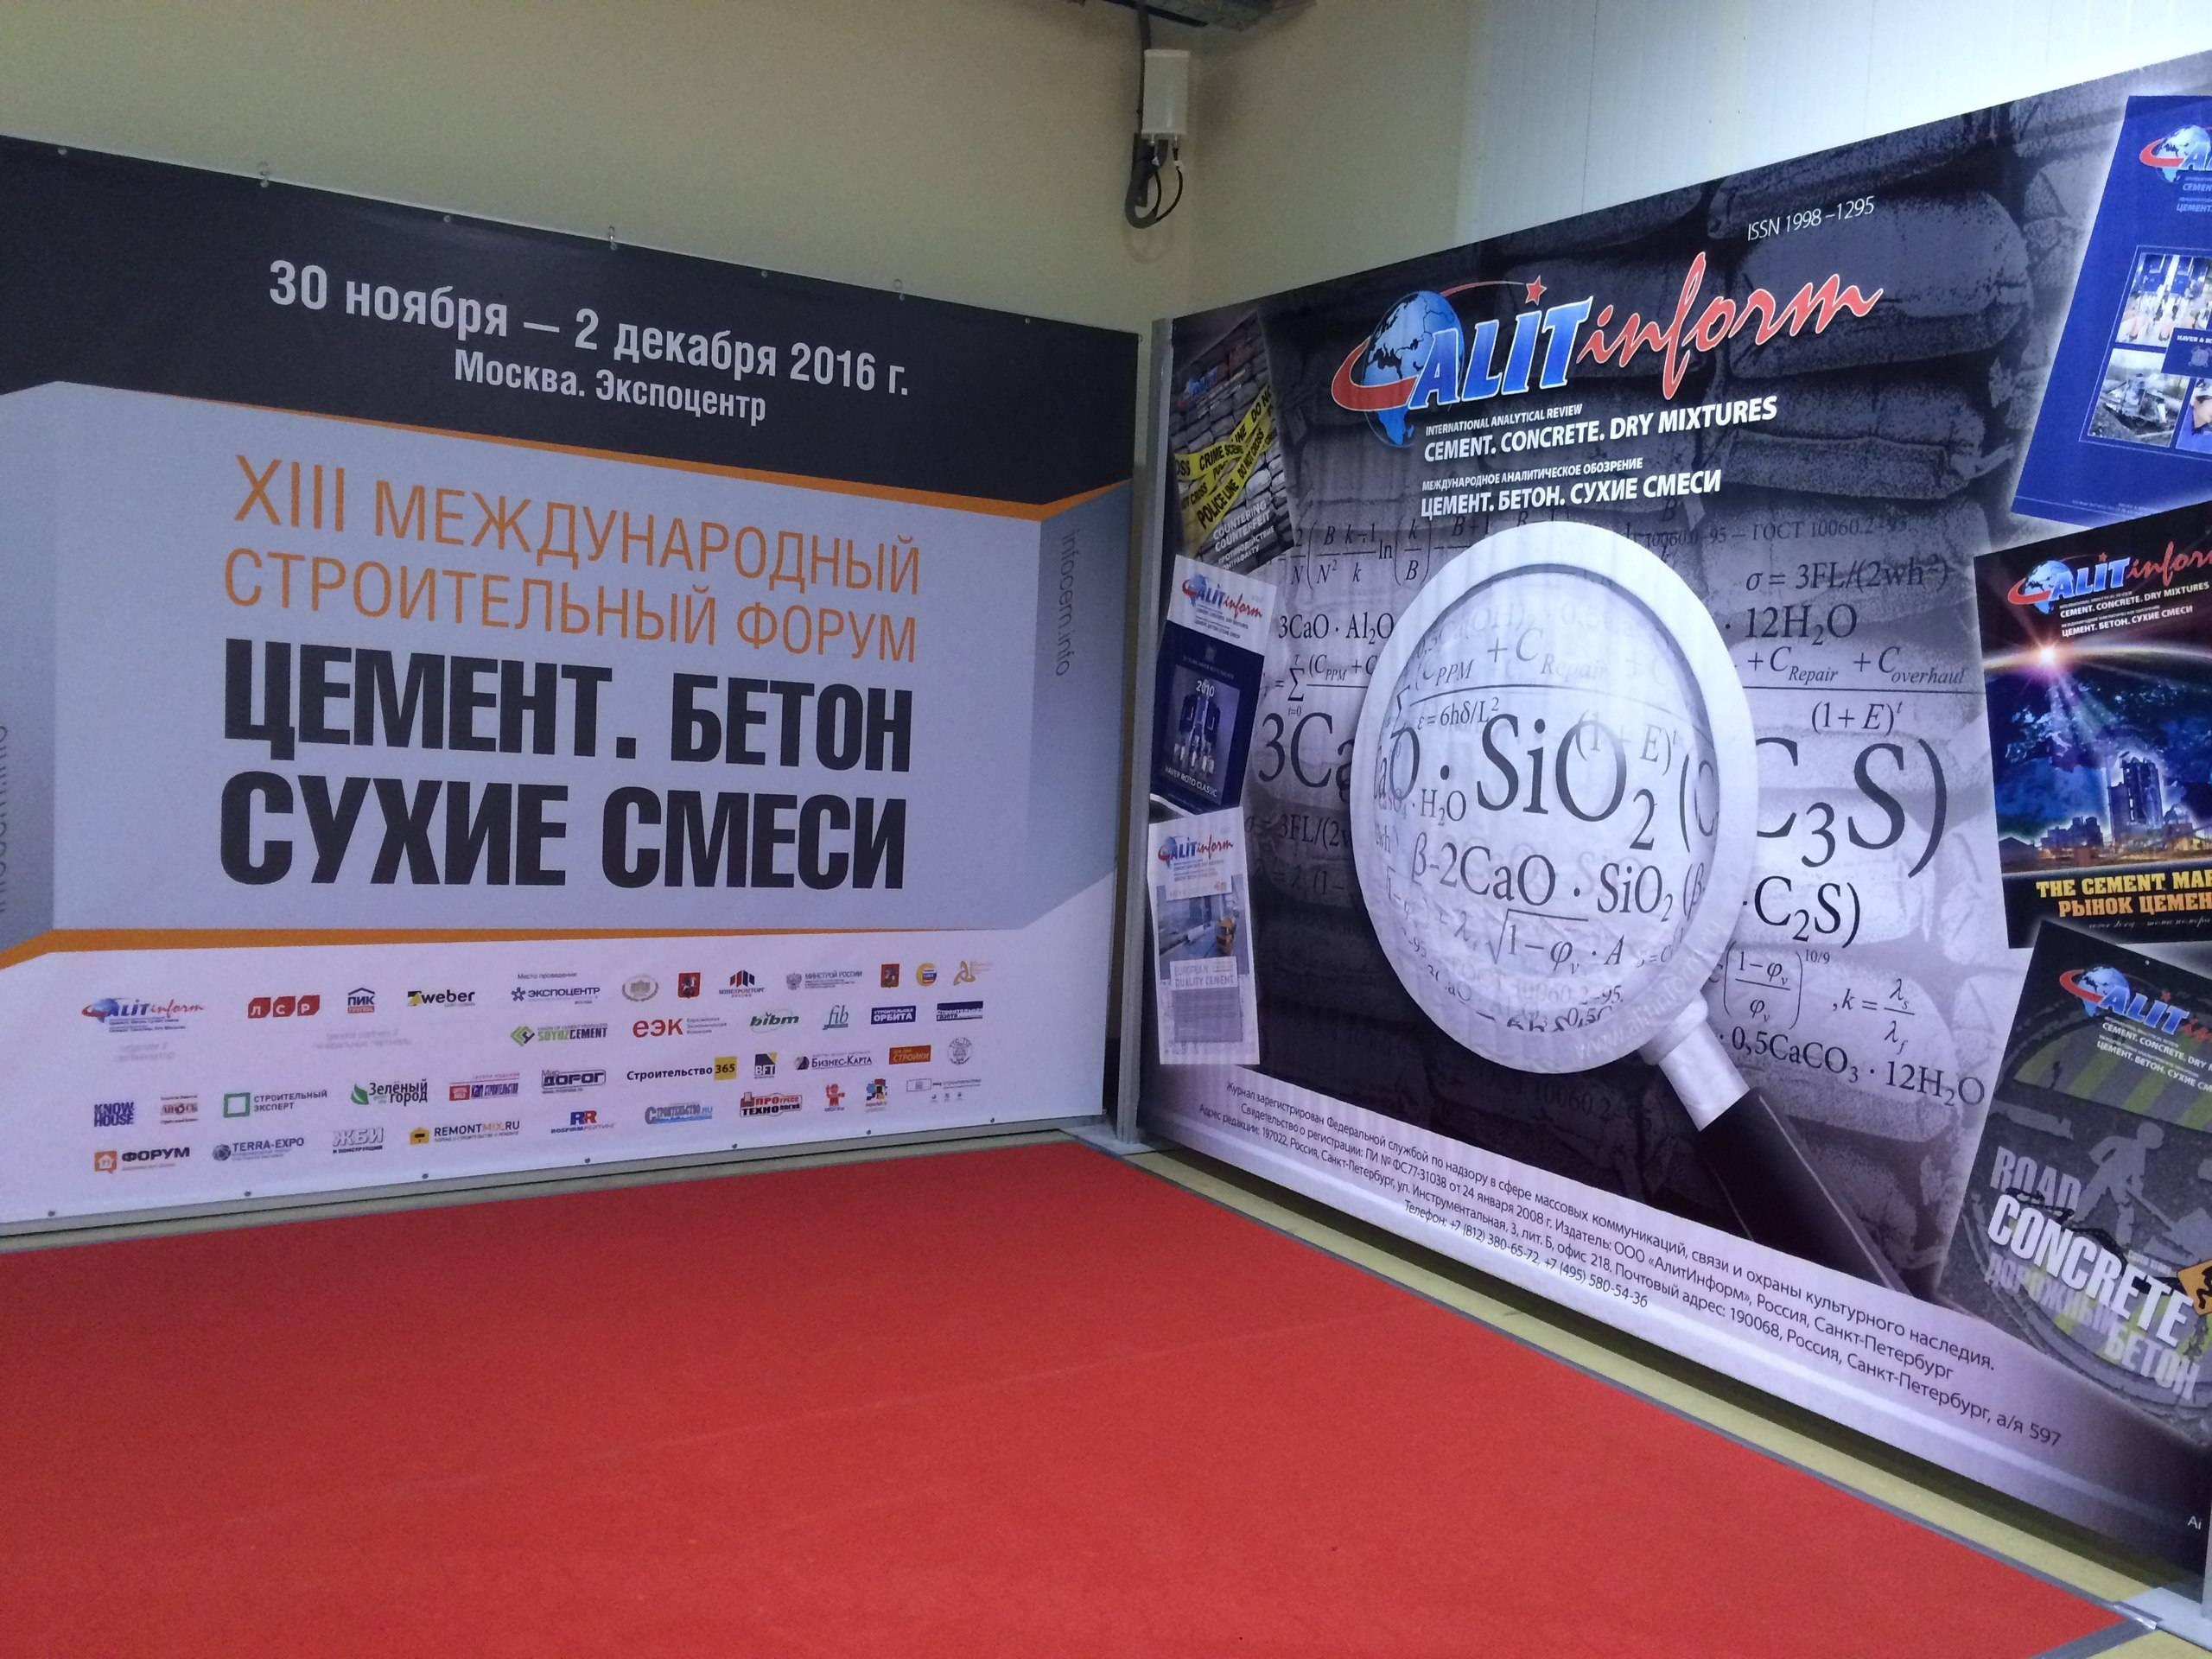 Москва бетон выставка как правильно заштукатурить стену цементным раствором